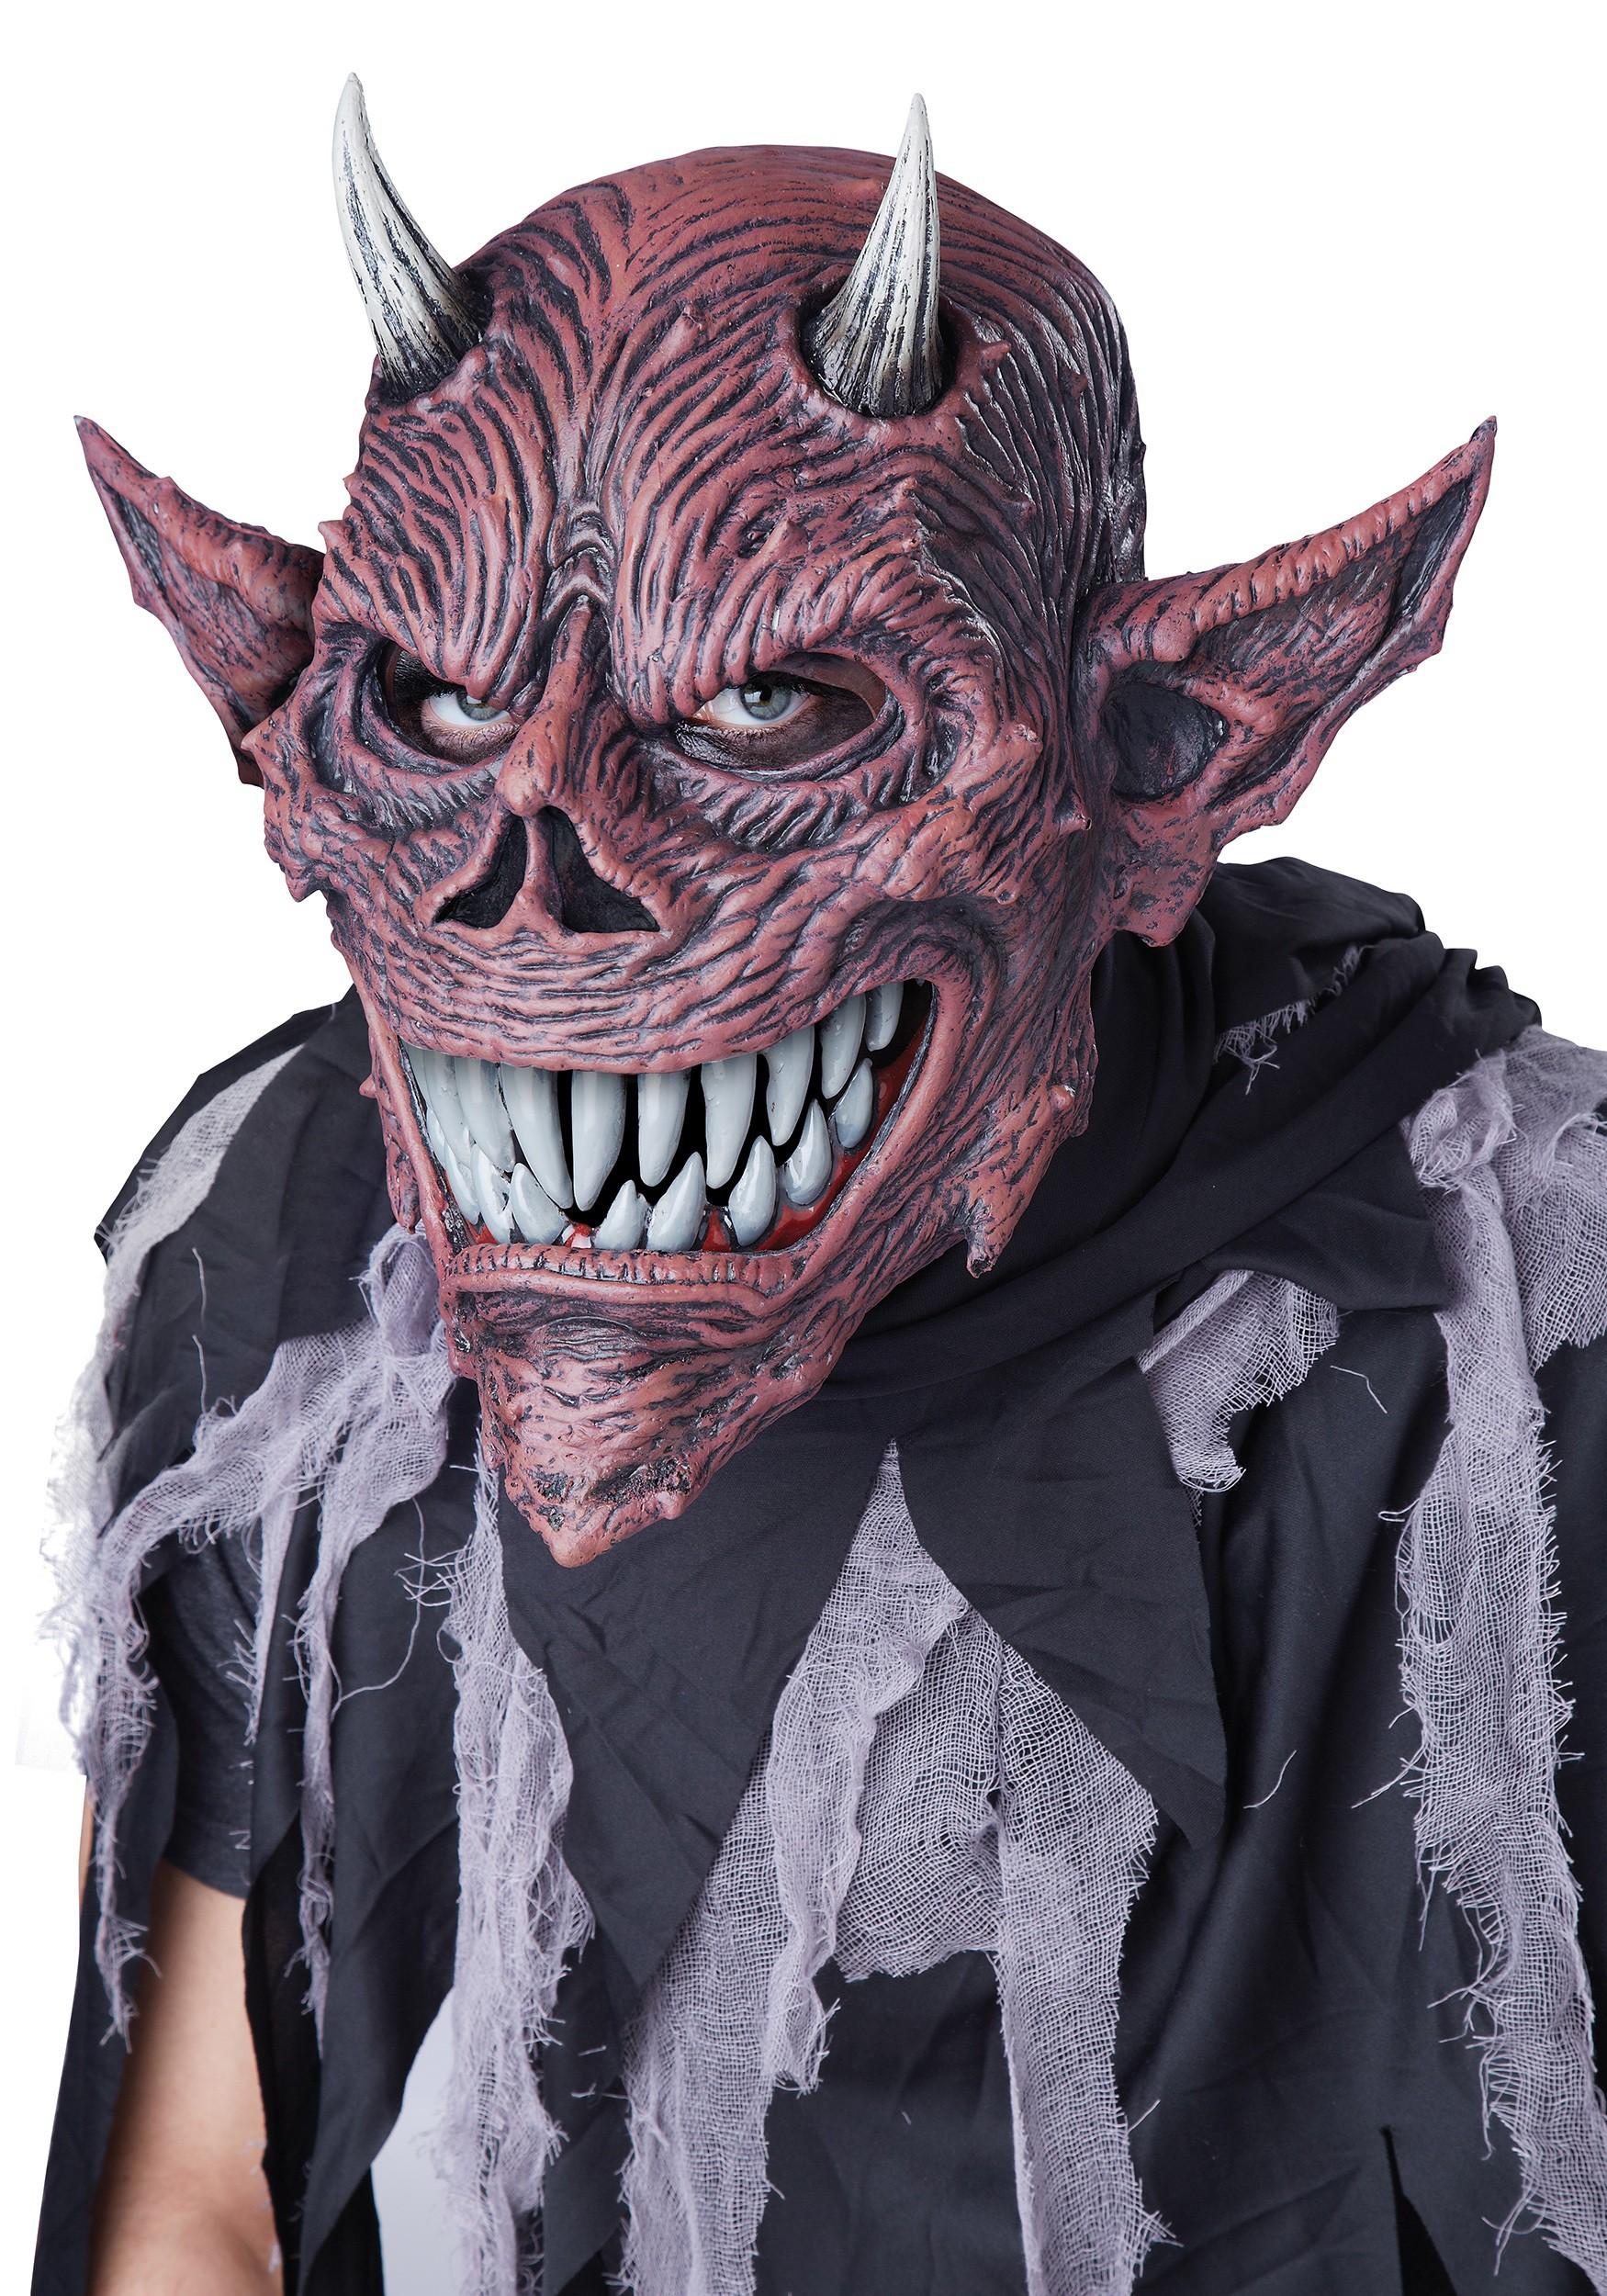 Devil Accessories - Devil Horns, Masks, and Pitchforks